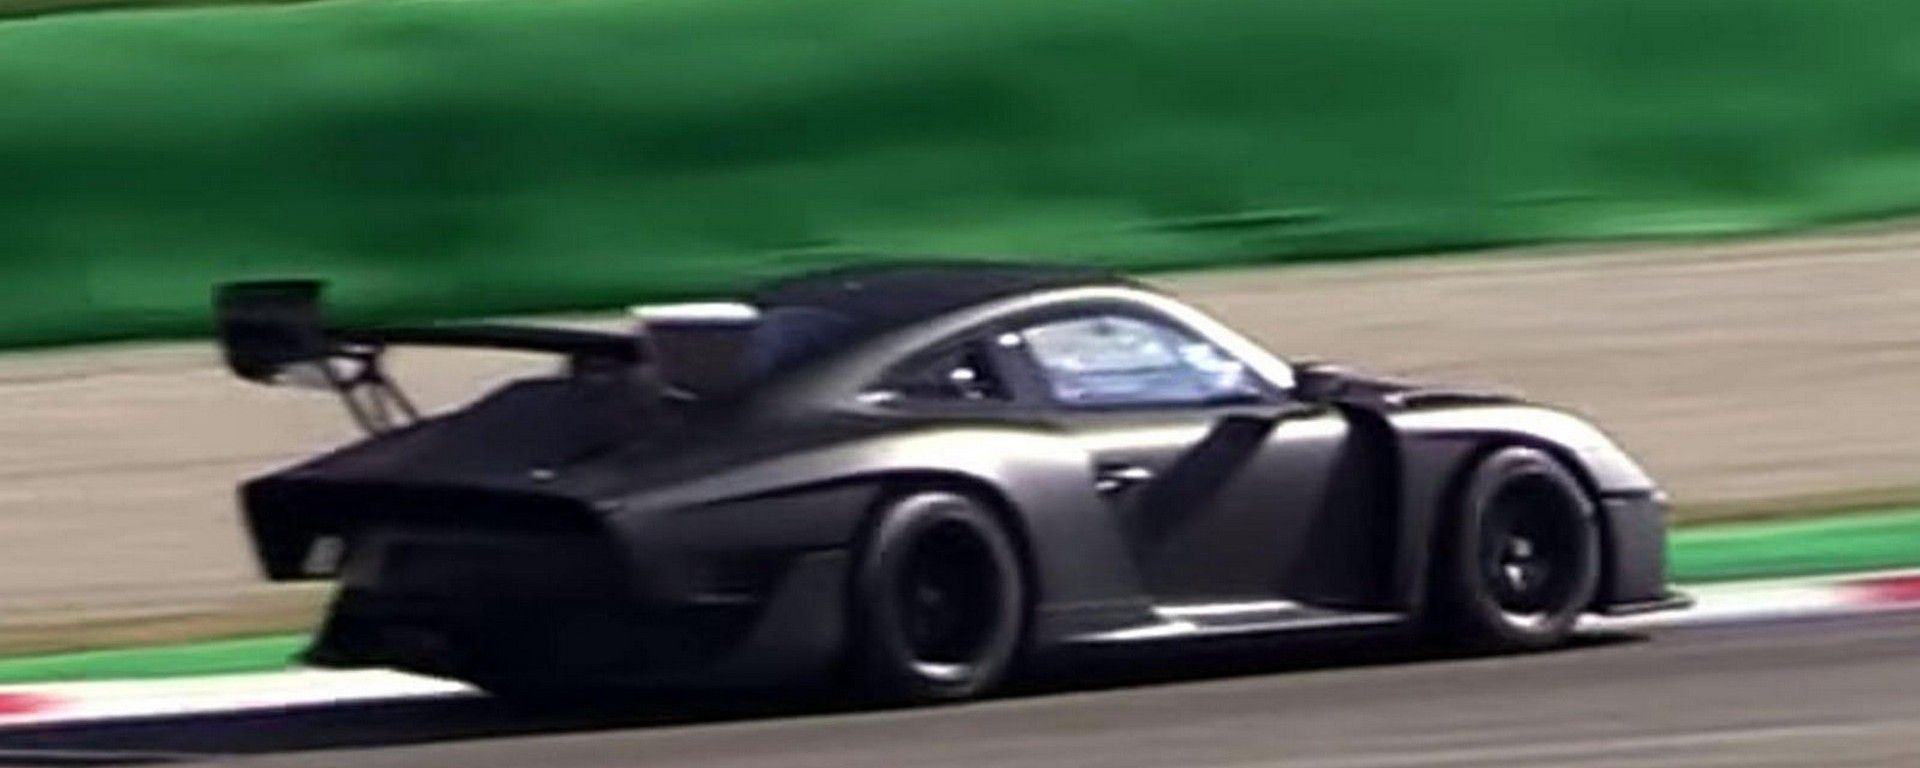 Nuova Porsche 935: la Moby Dick in video dal Circuito di Monza